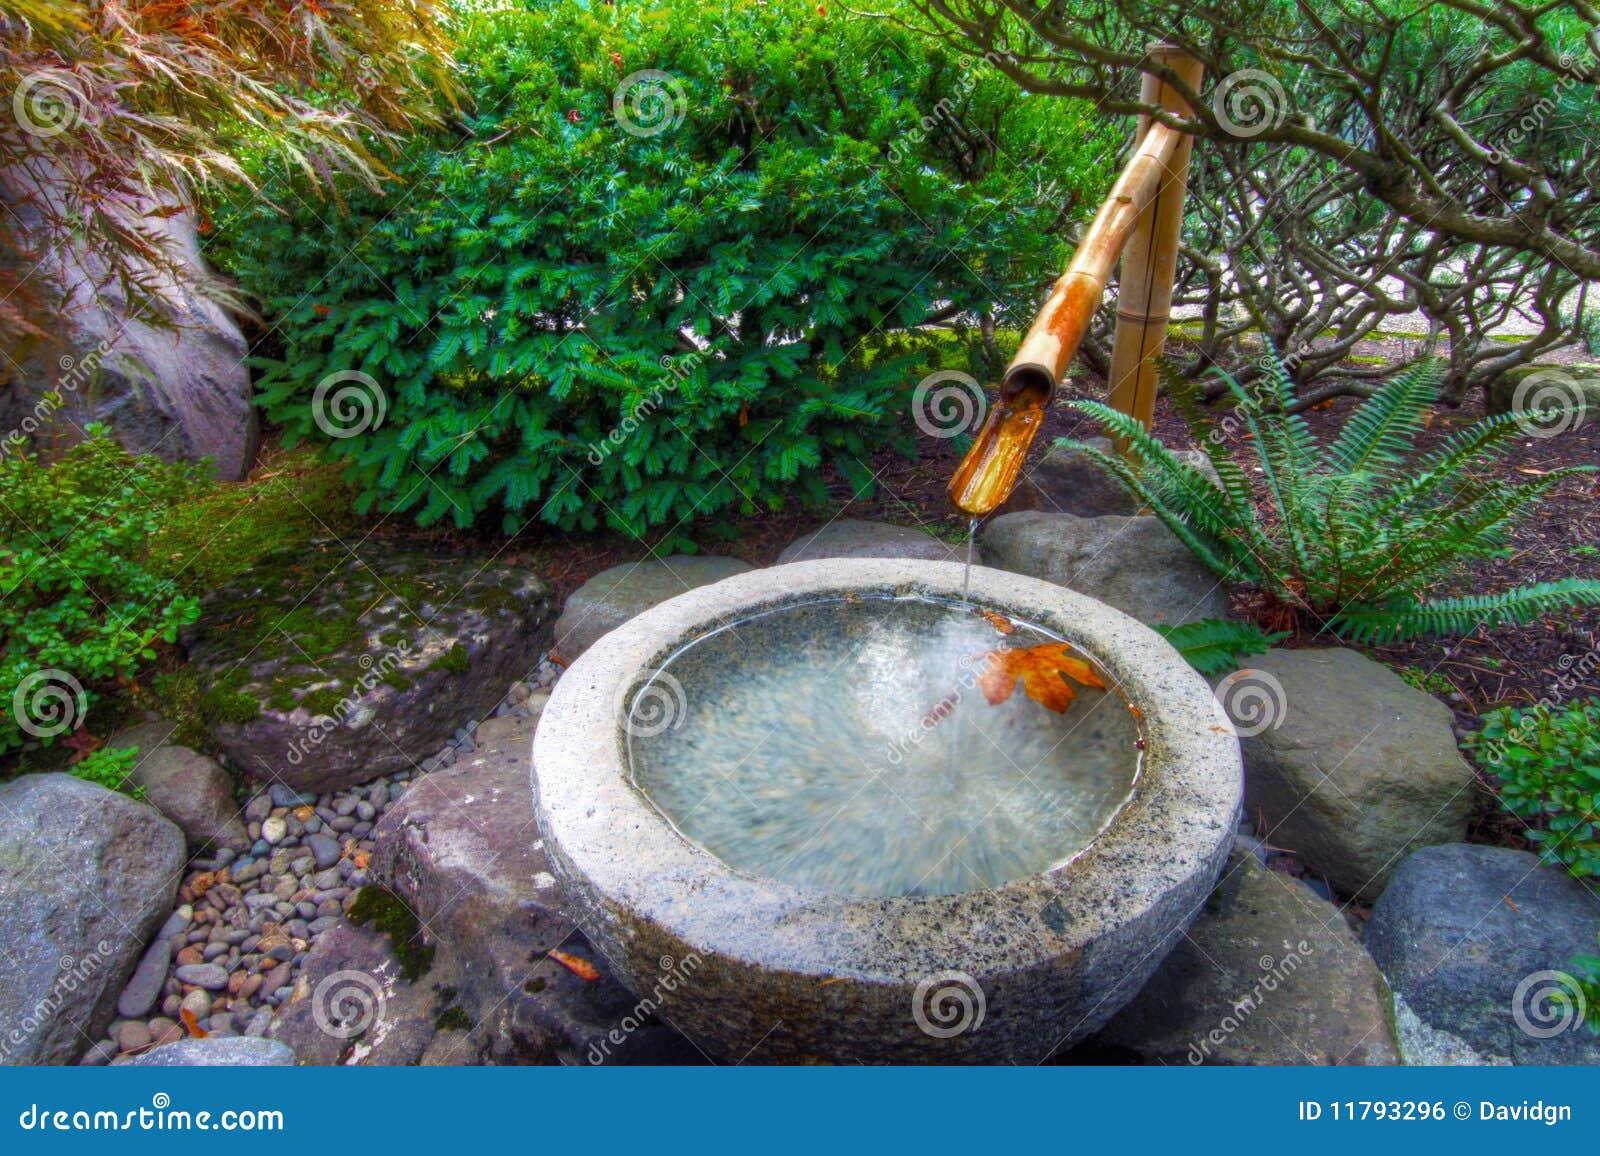 Fontaine D 39 Eau En Bambou Dans Le Jardin Japonais Image